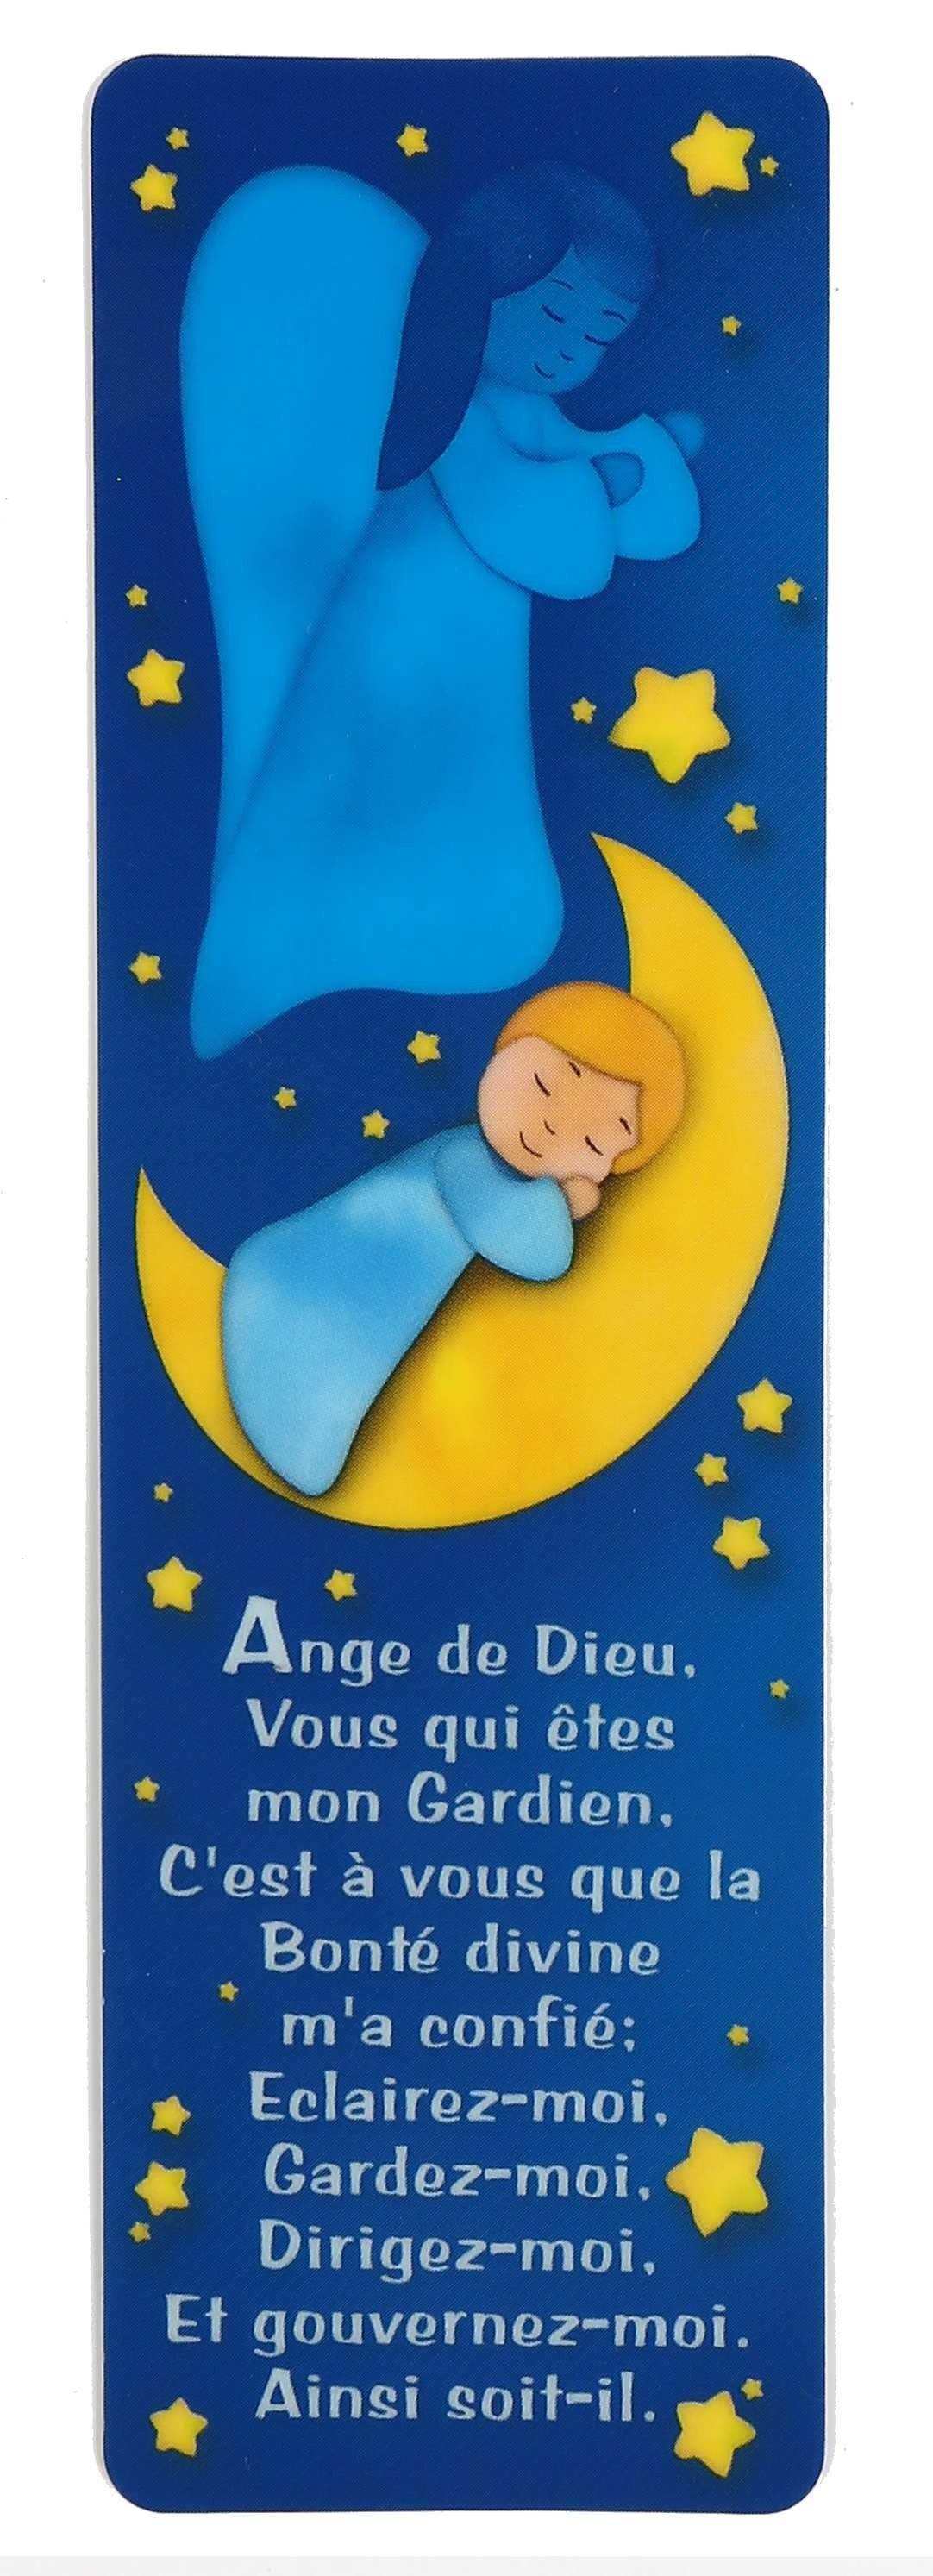 Signet pour enfant - Ange de Dieu